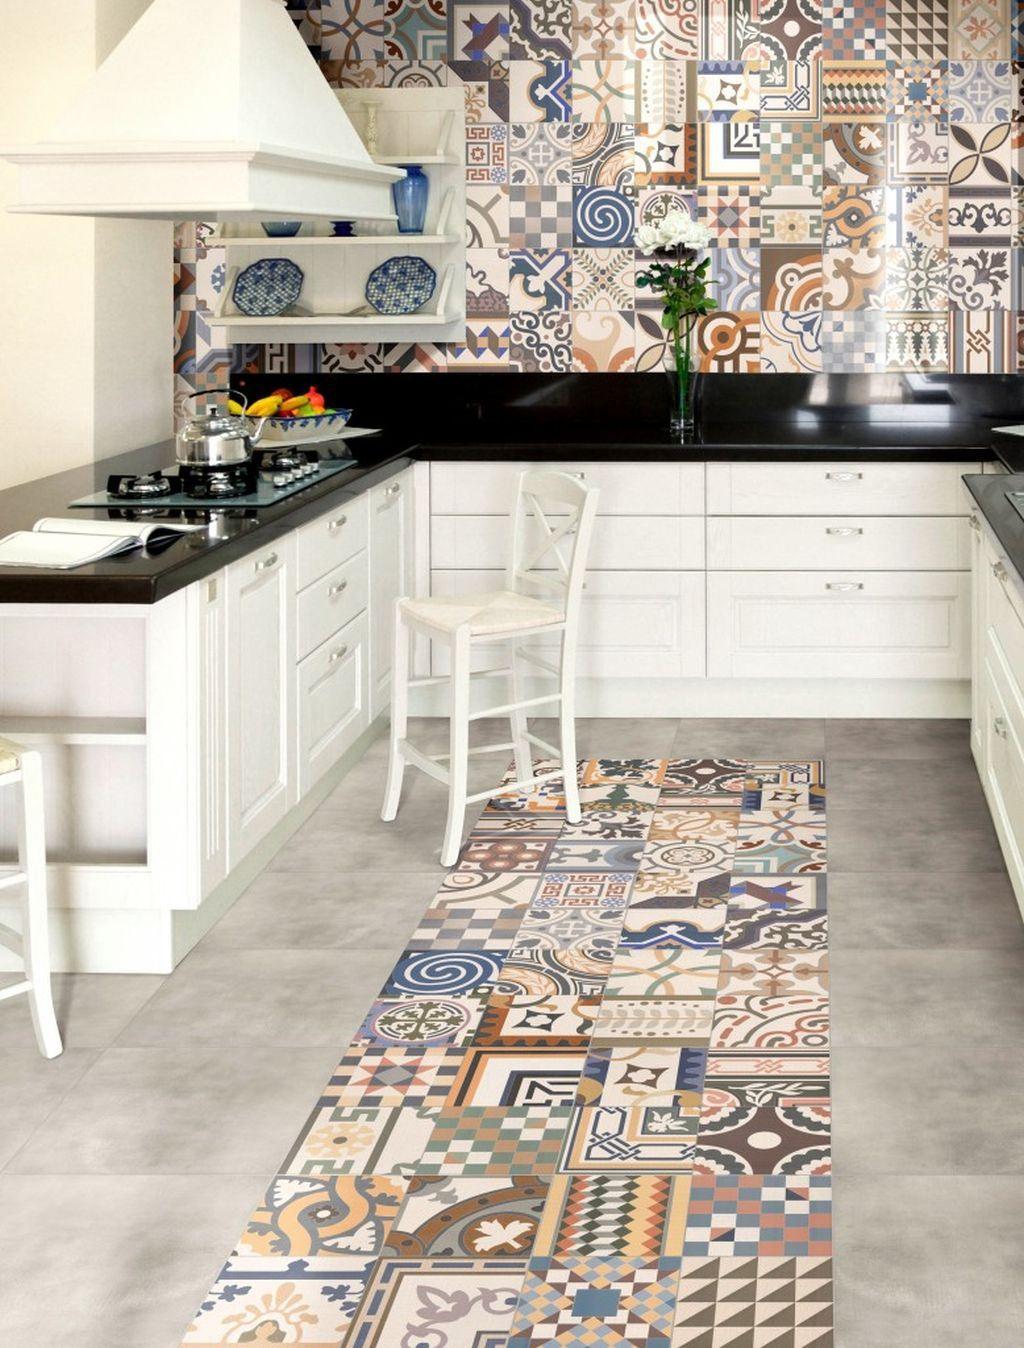 плитка в стиле пэчворк кухонный фартук | Мару | Pinterest